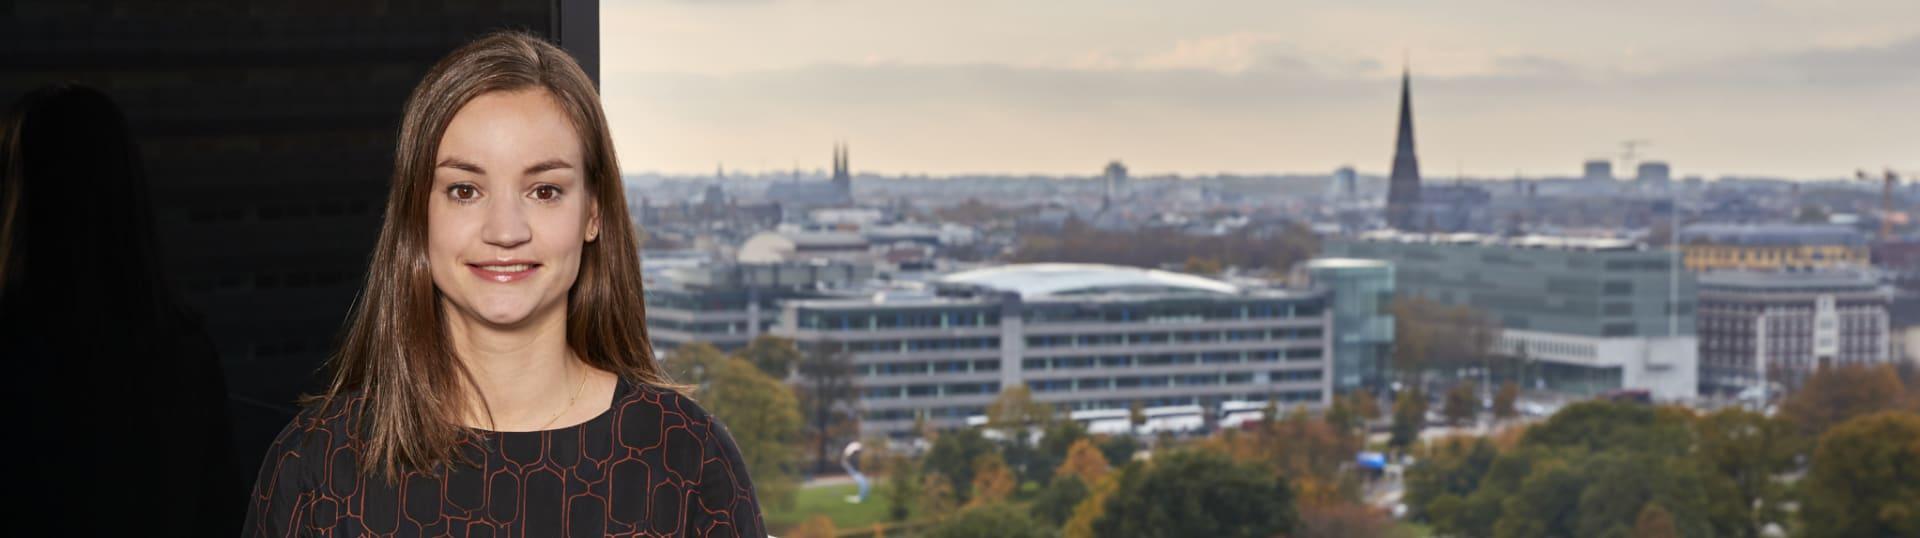 Anne Meijer, advocaat Pels Rijcken